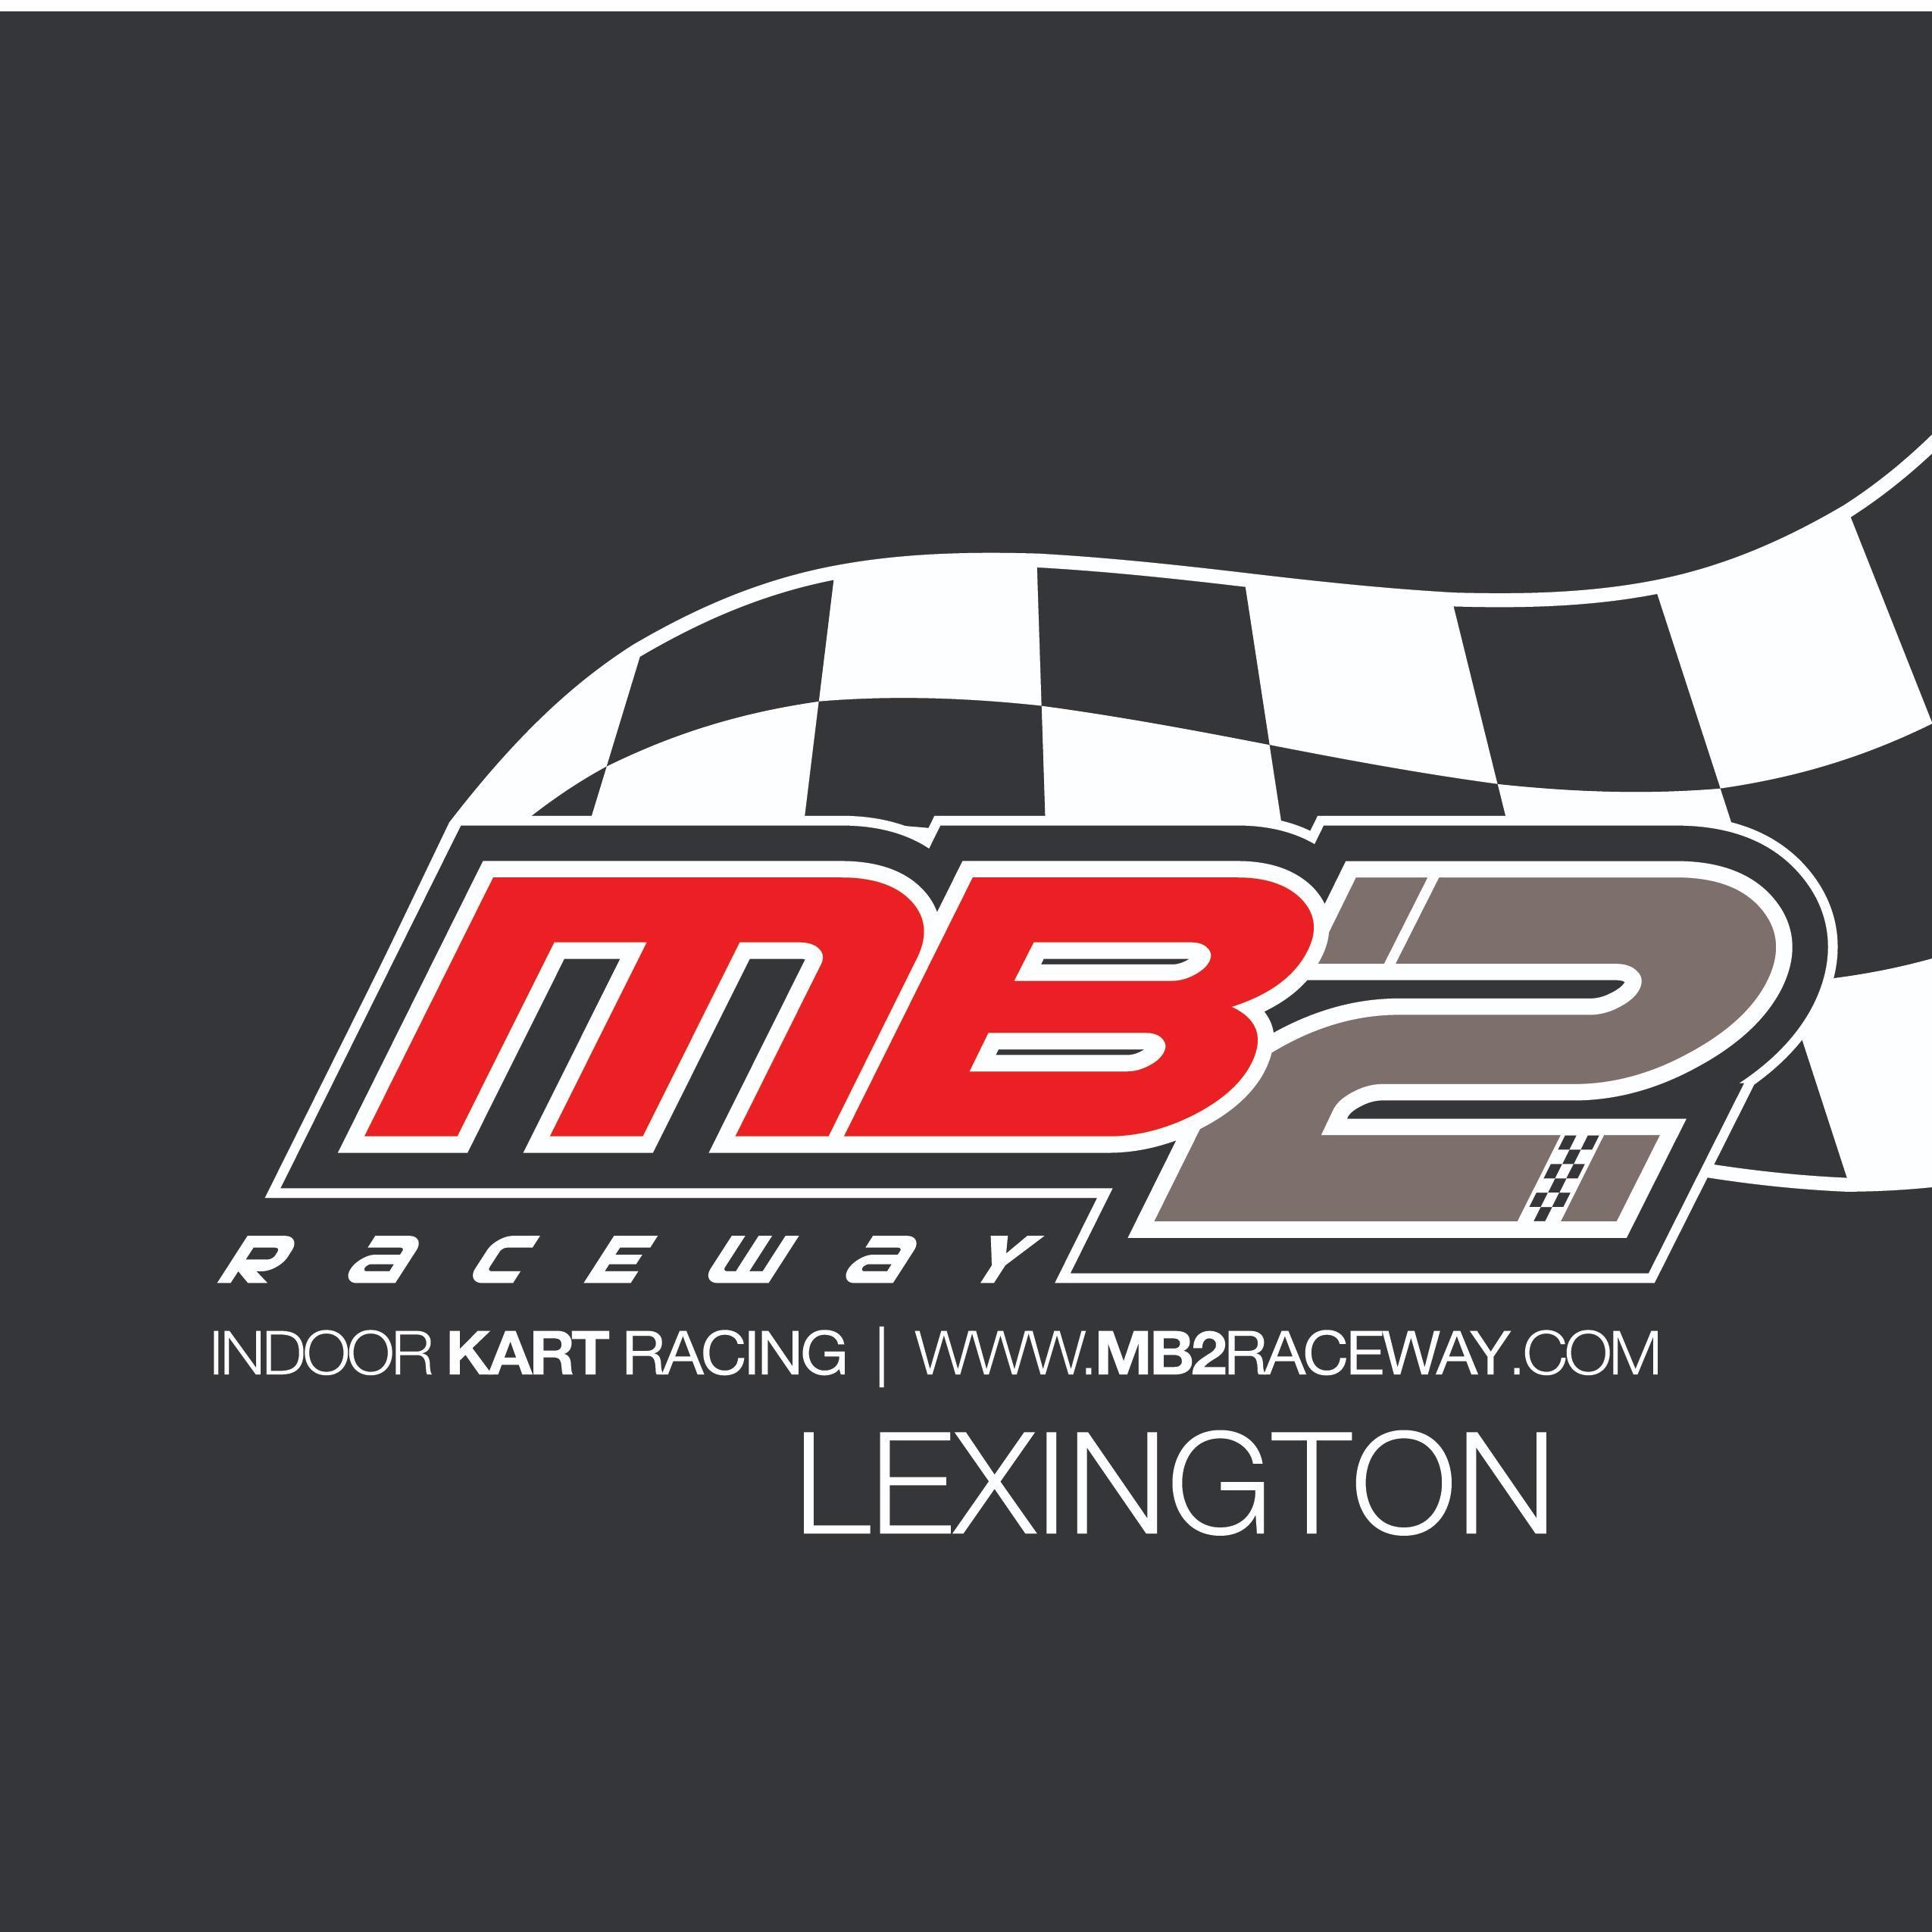 Mb2 Raceway - Lexington